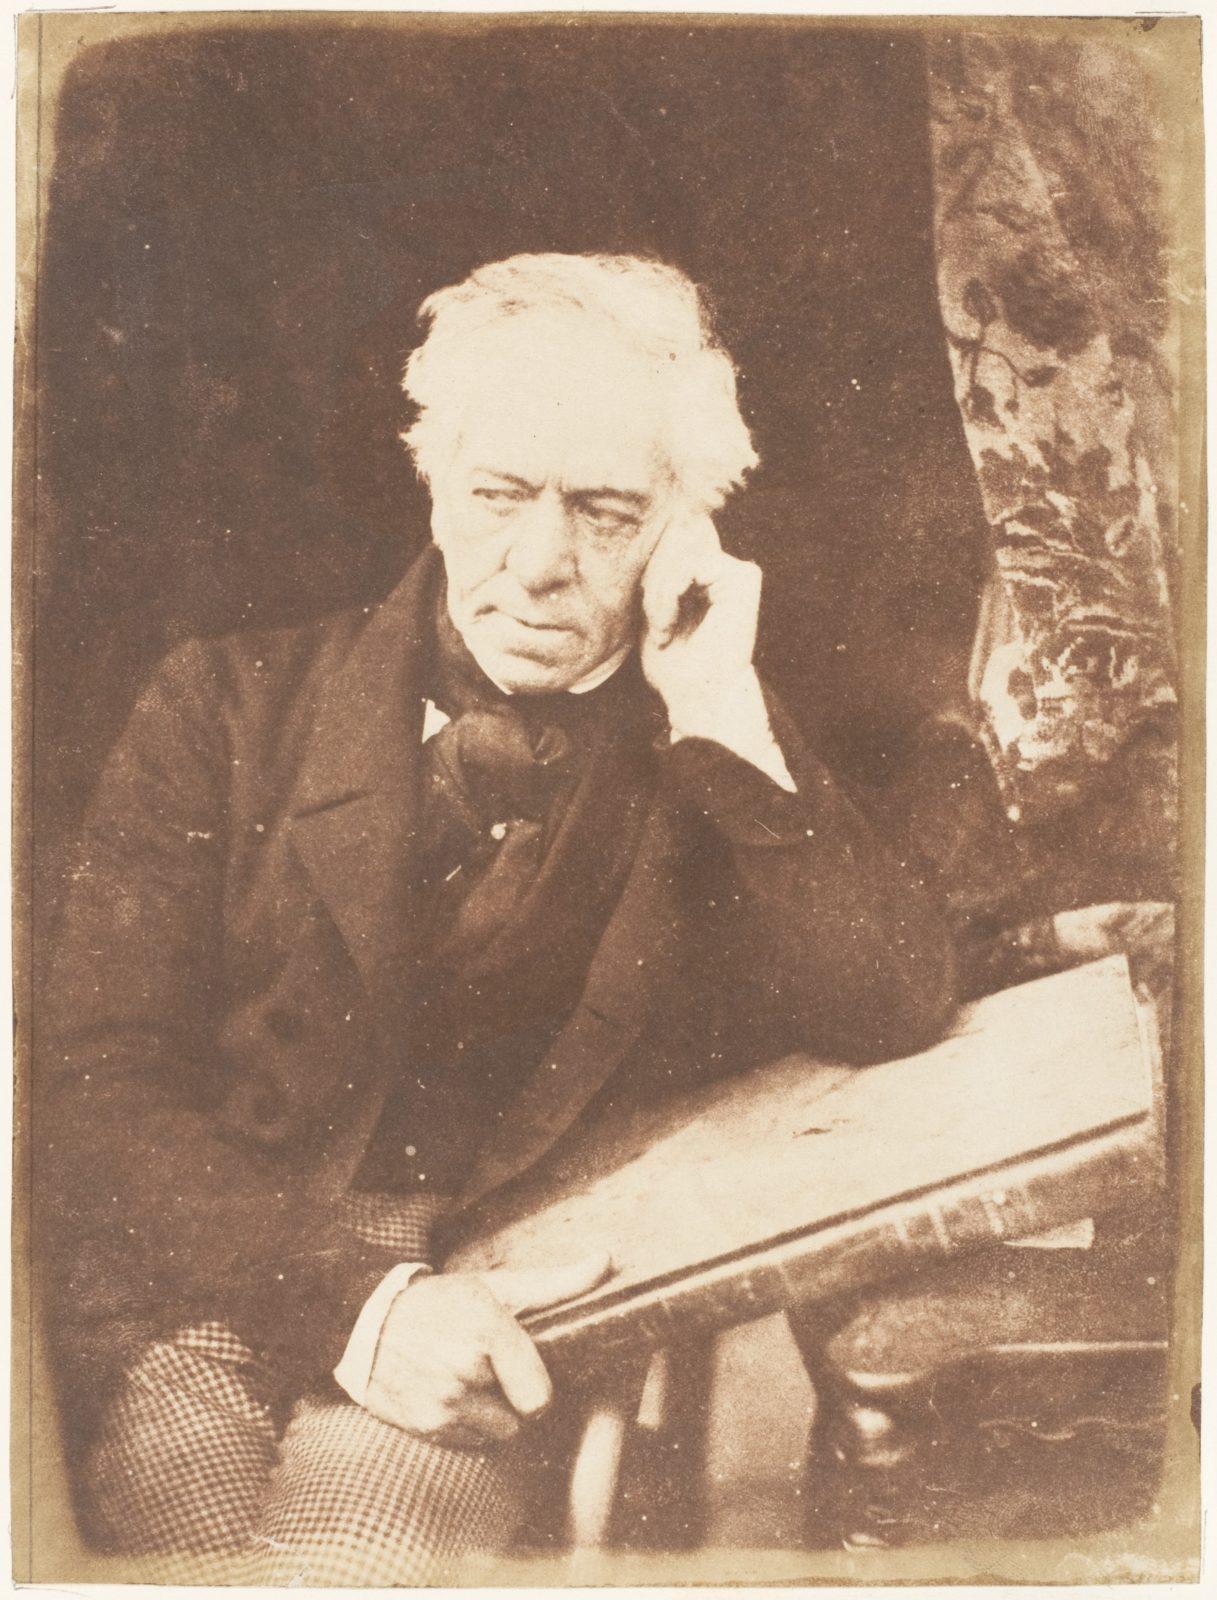 Sir William Allan, P.R.S.A.